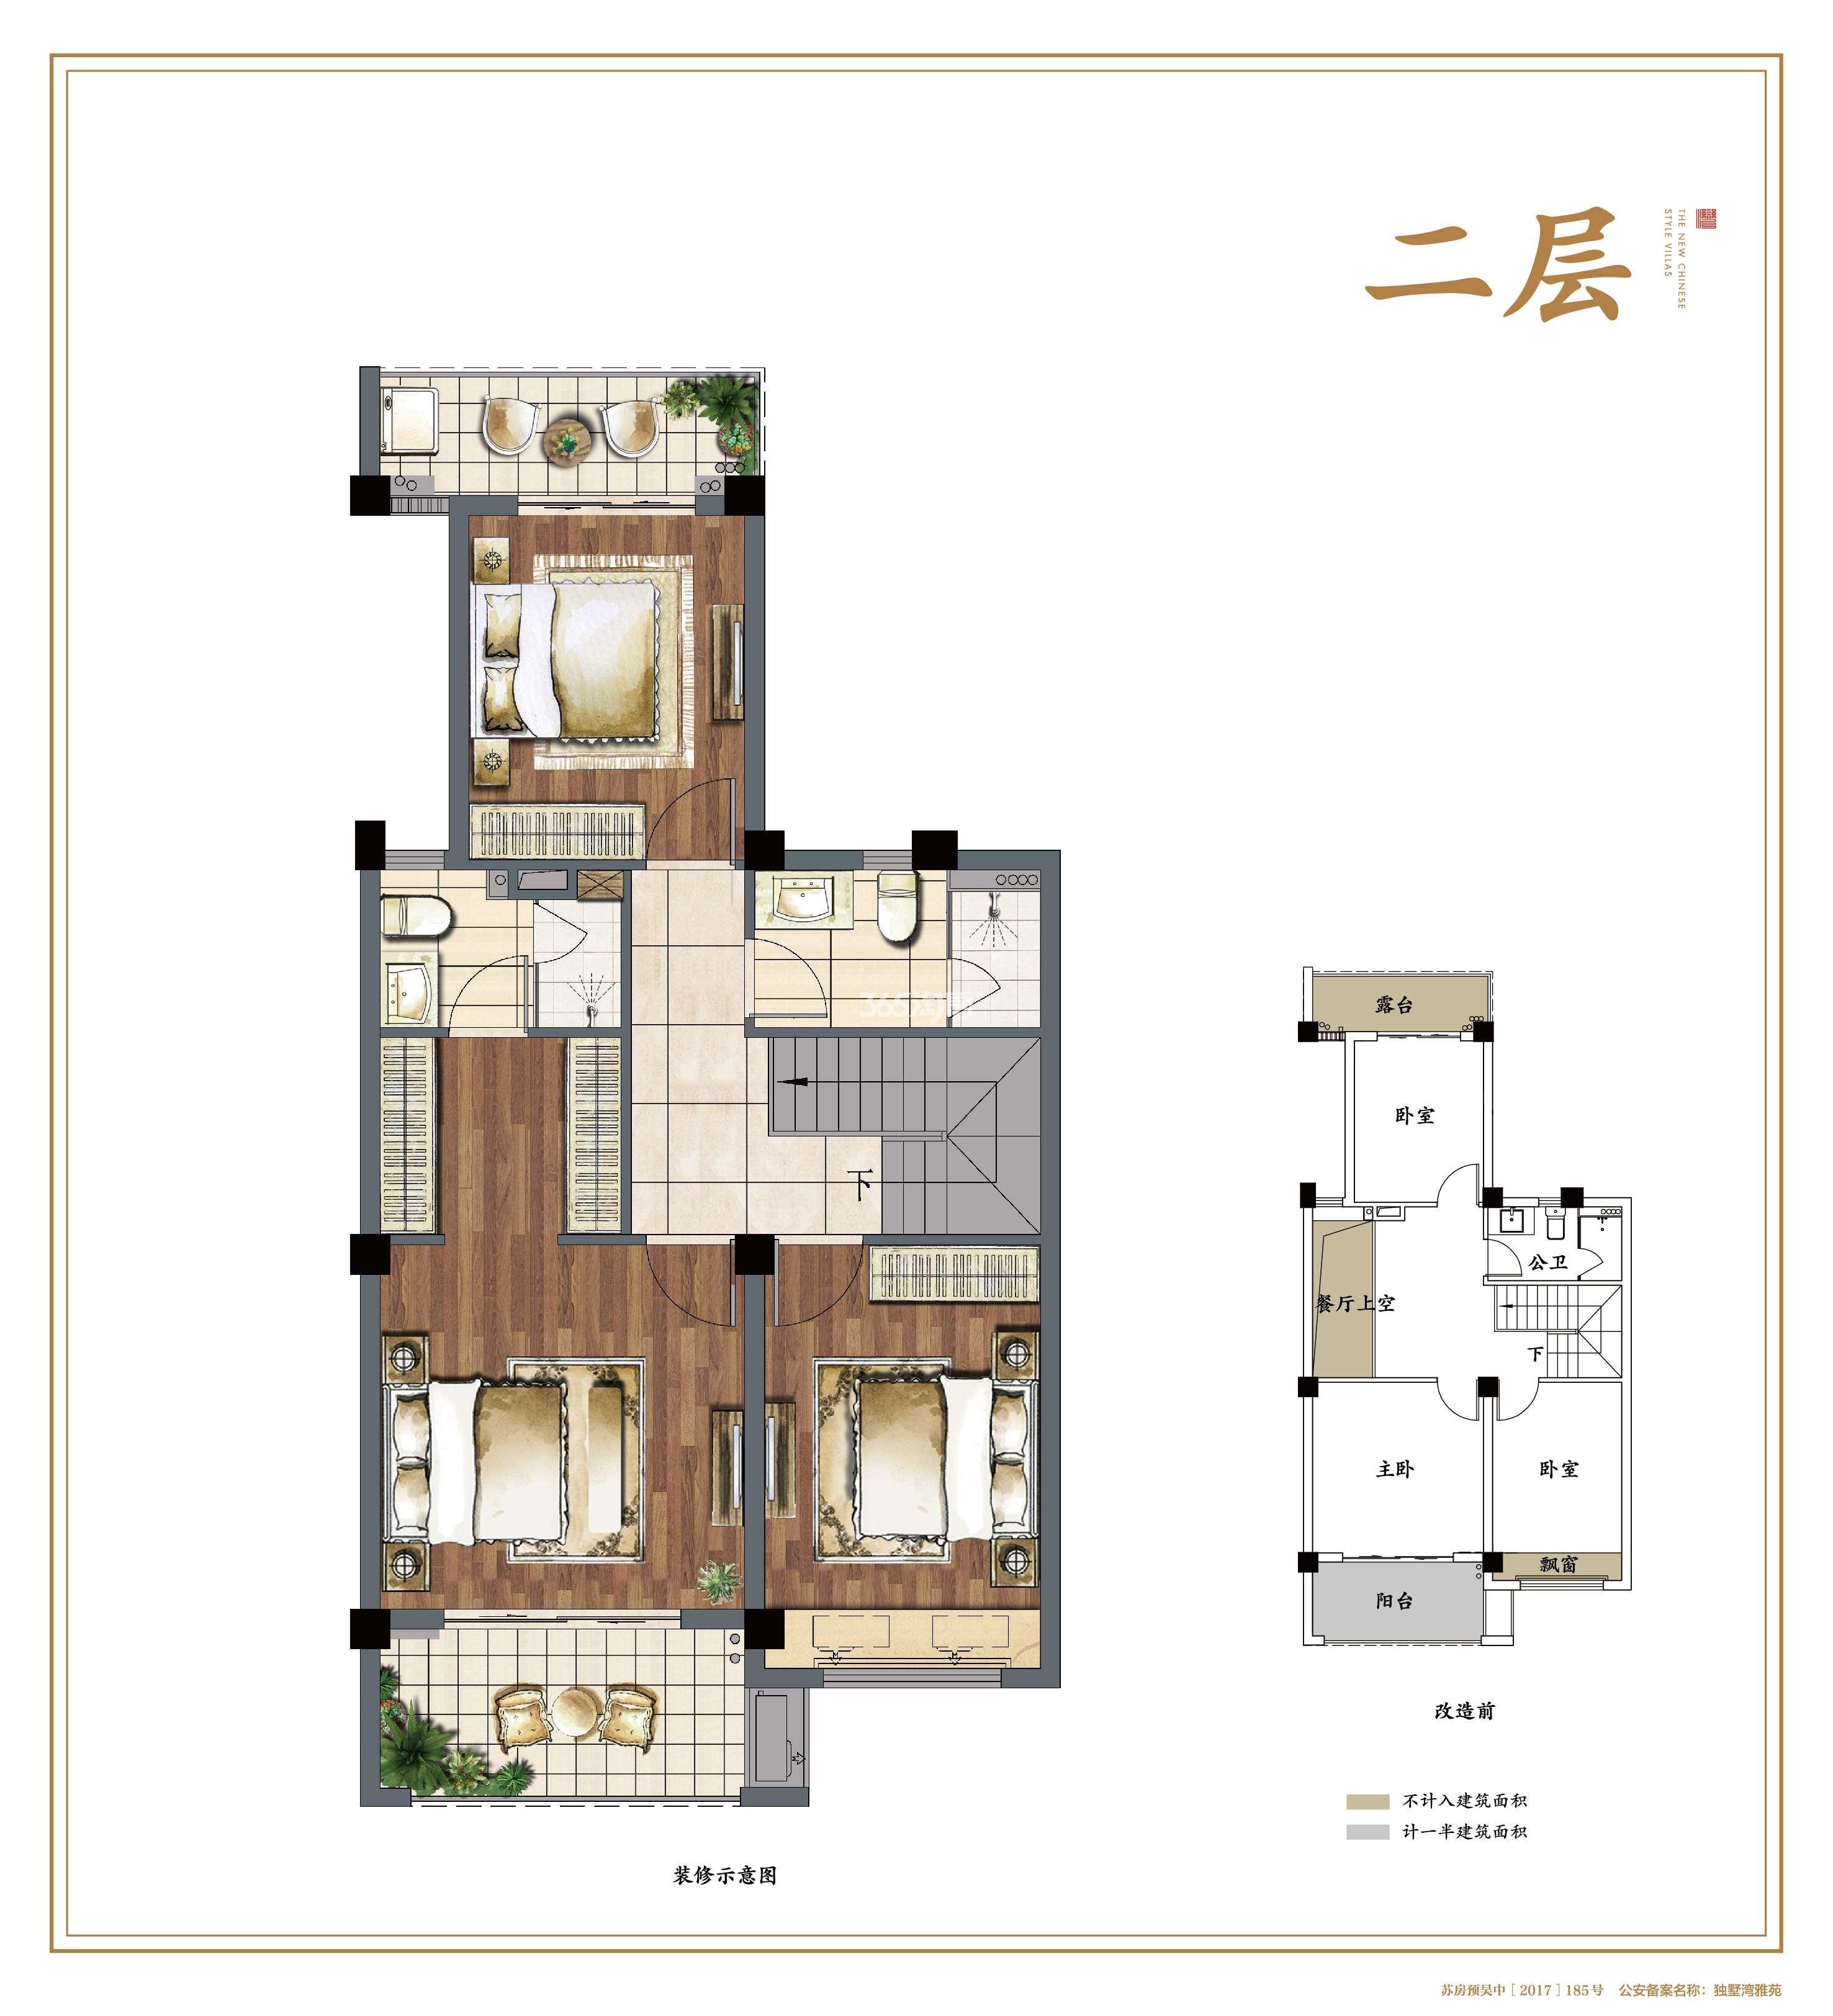 建发独墅湾竖厅T3非标户型186平